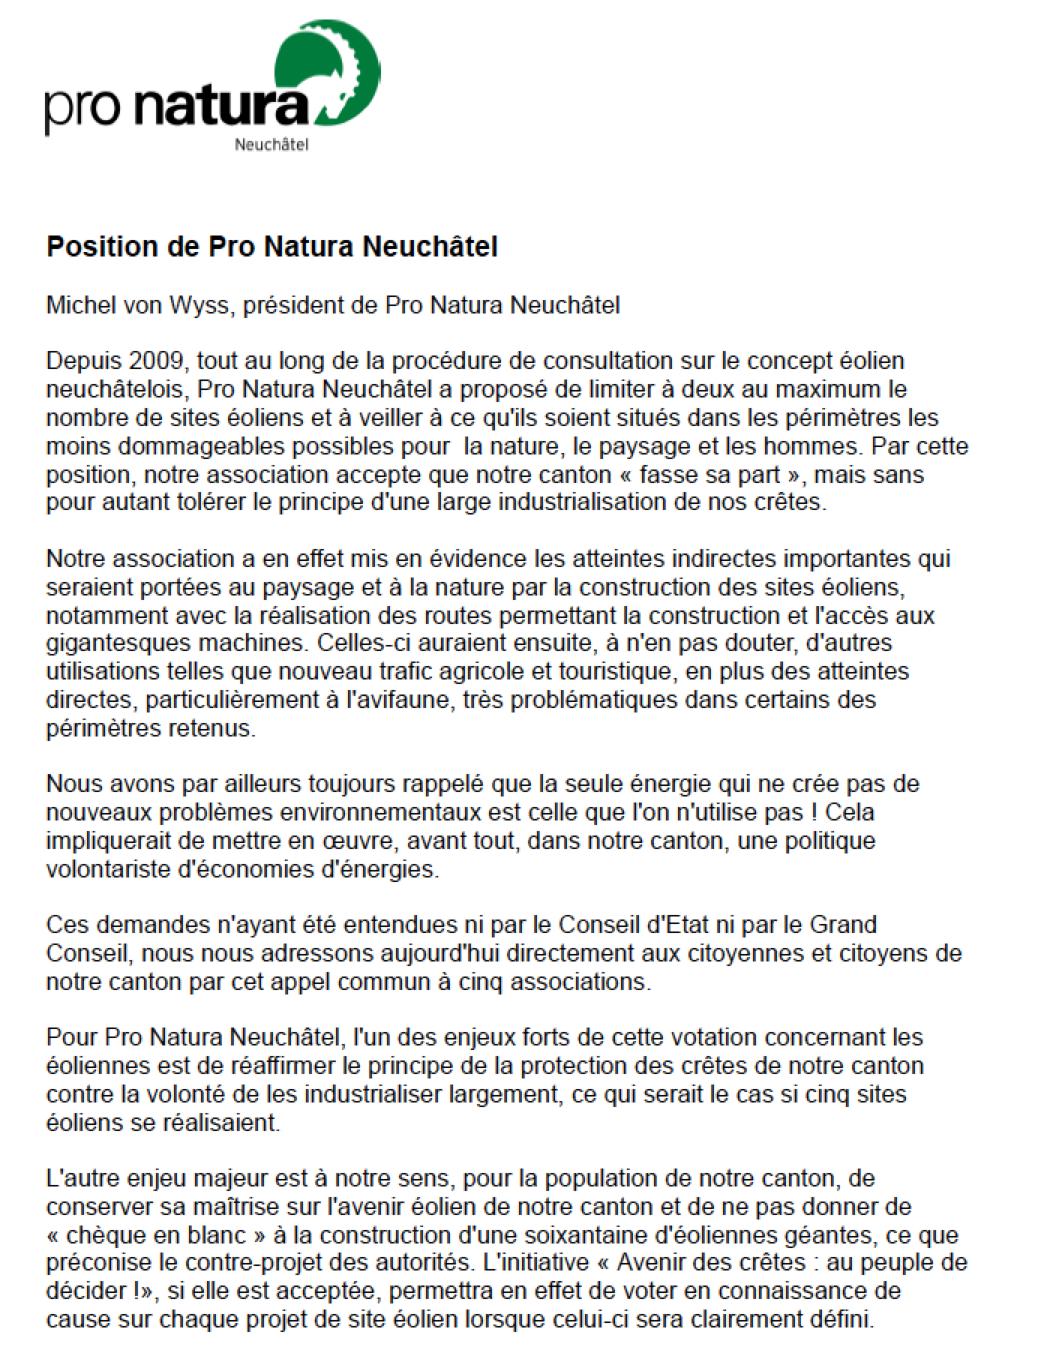 Pro Natura Michel von Wyss